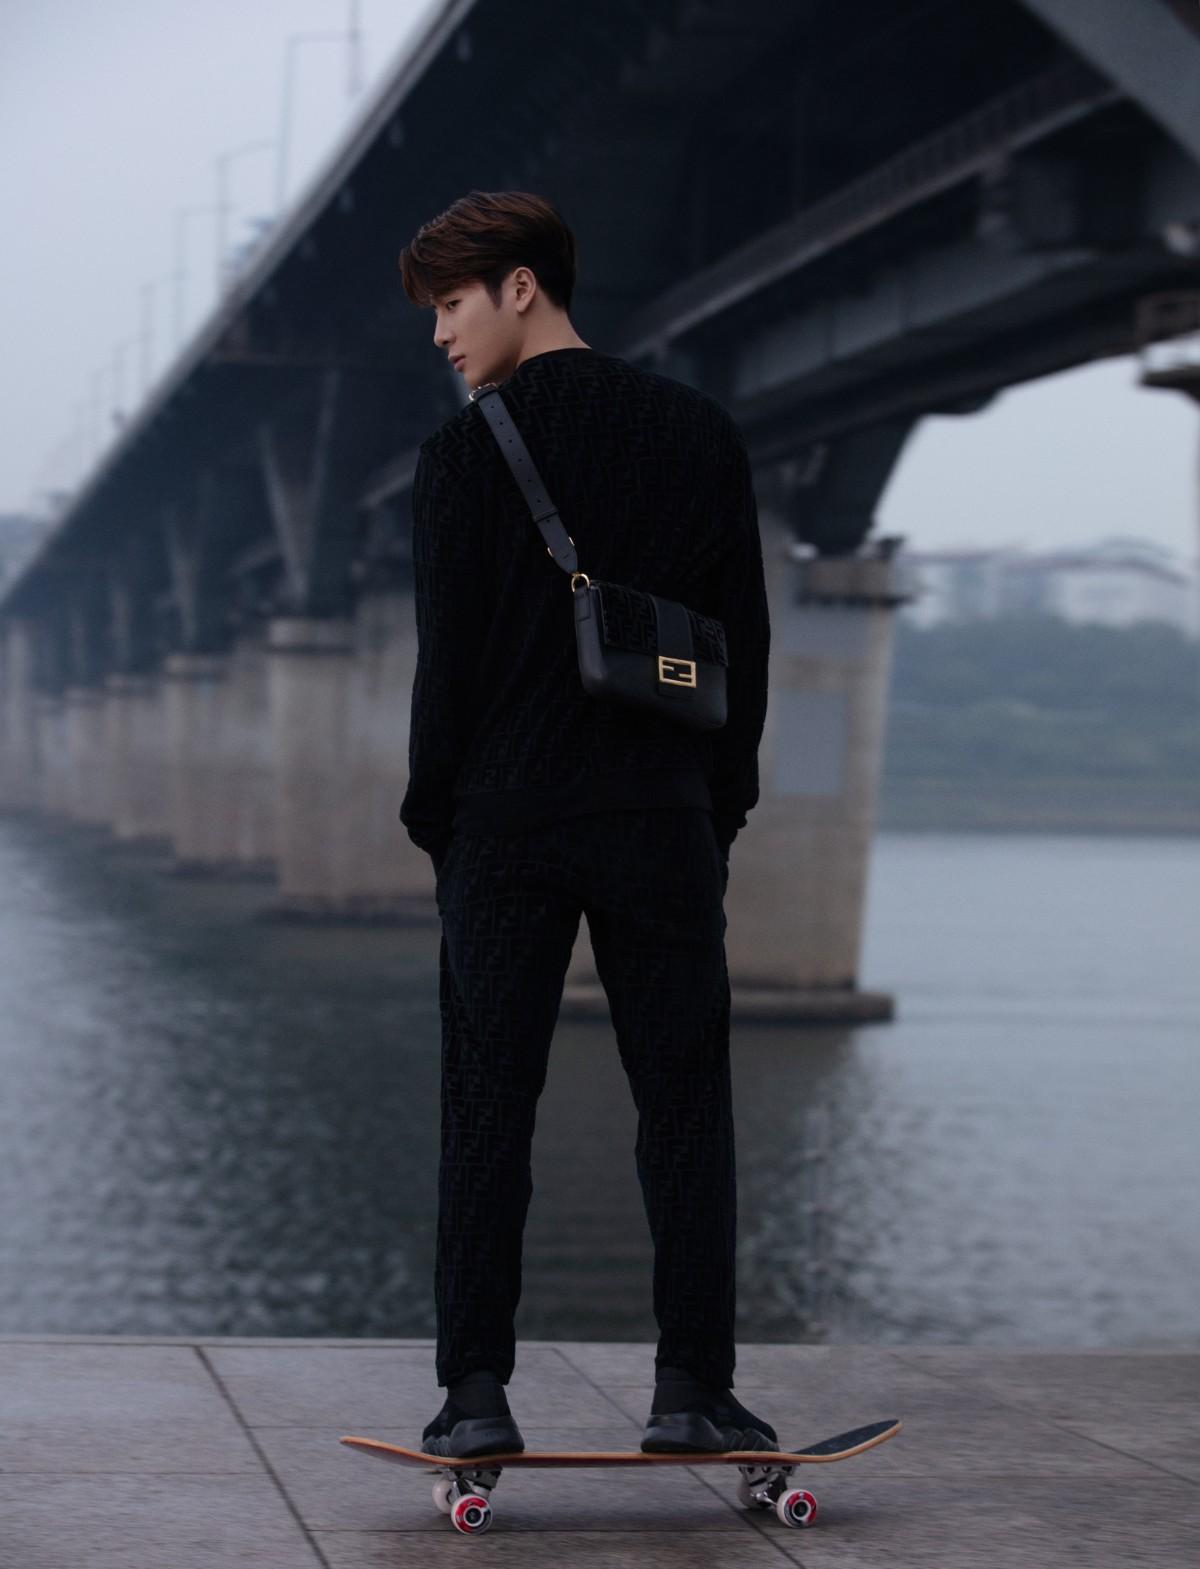 Fendi y Jackson Wang unen K-pop y streetwear deluxe en esta nueva colección